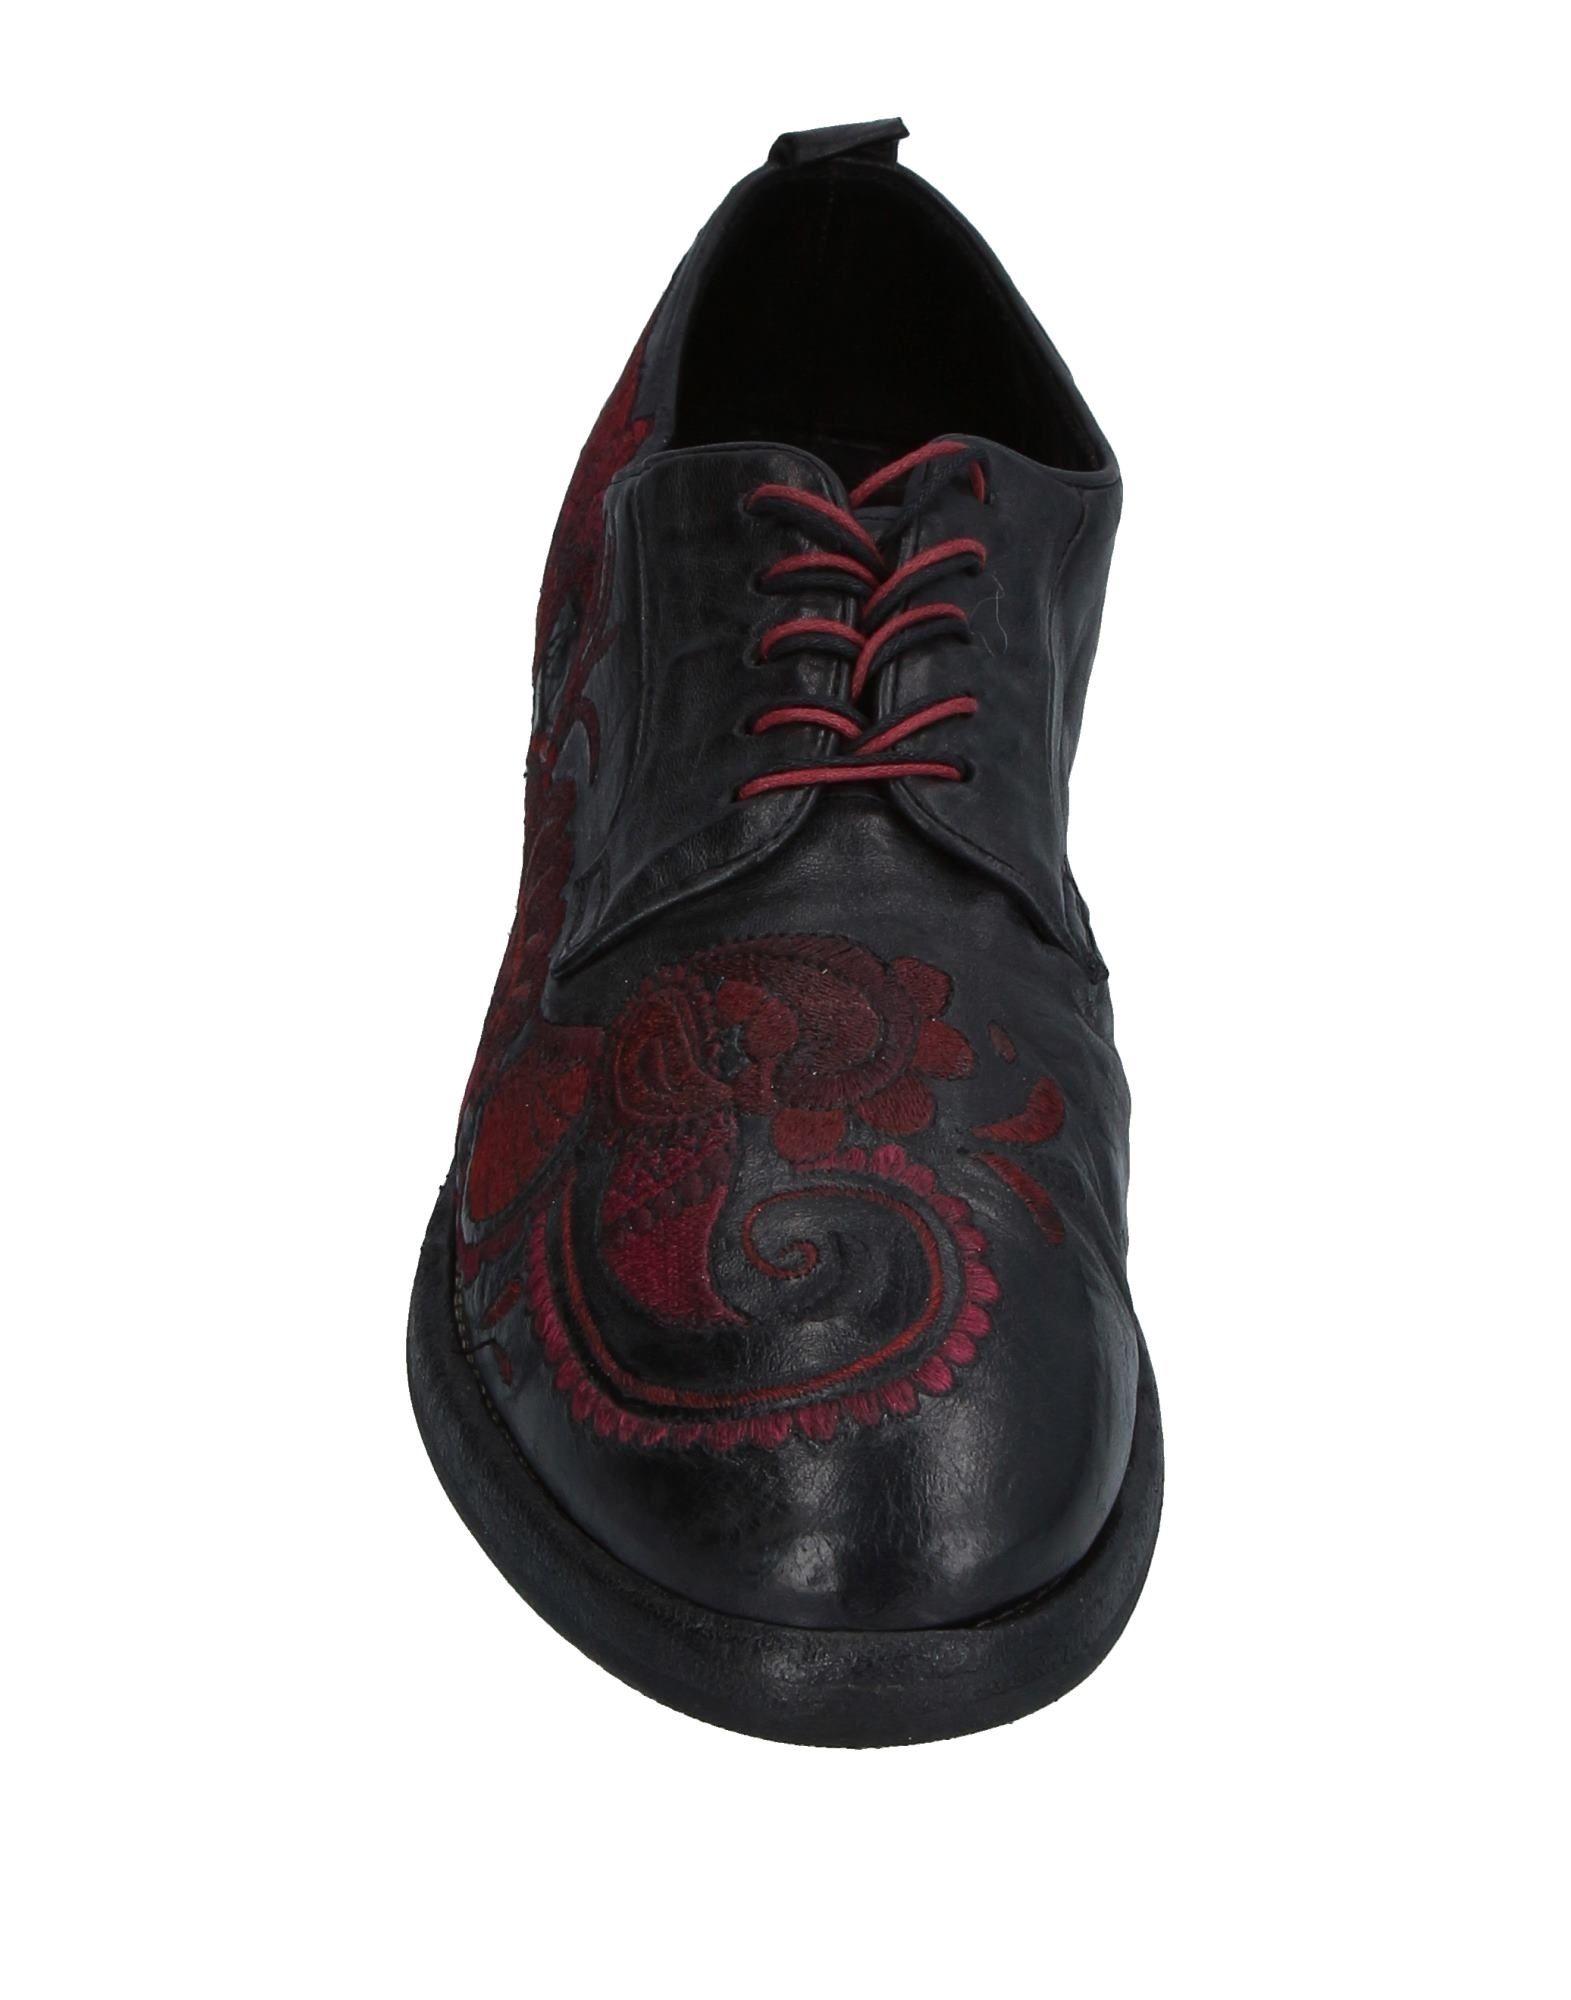 Sartori Gold Schnürschuhe Damen  11224376VXGut aussehende strapazierfähige Schuhe